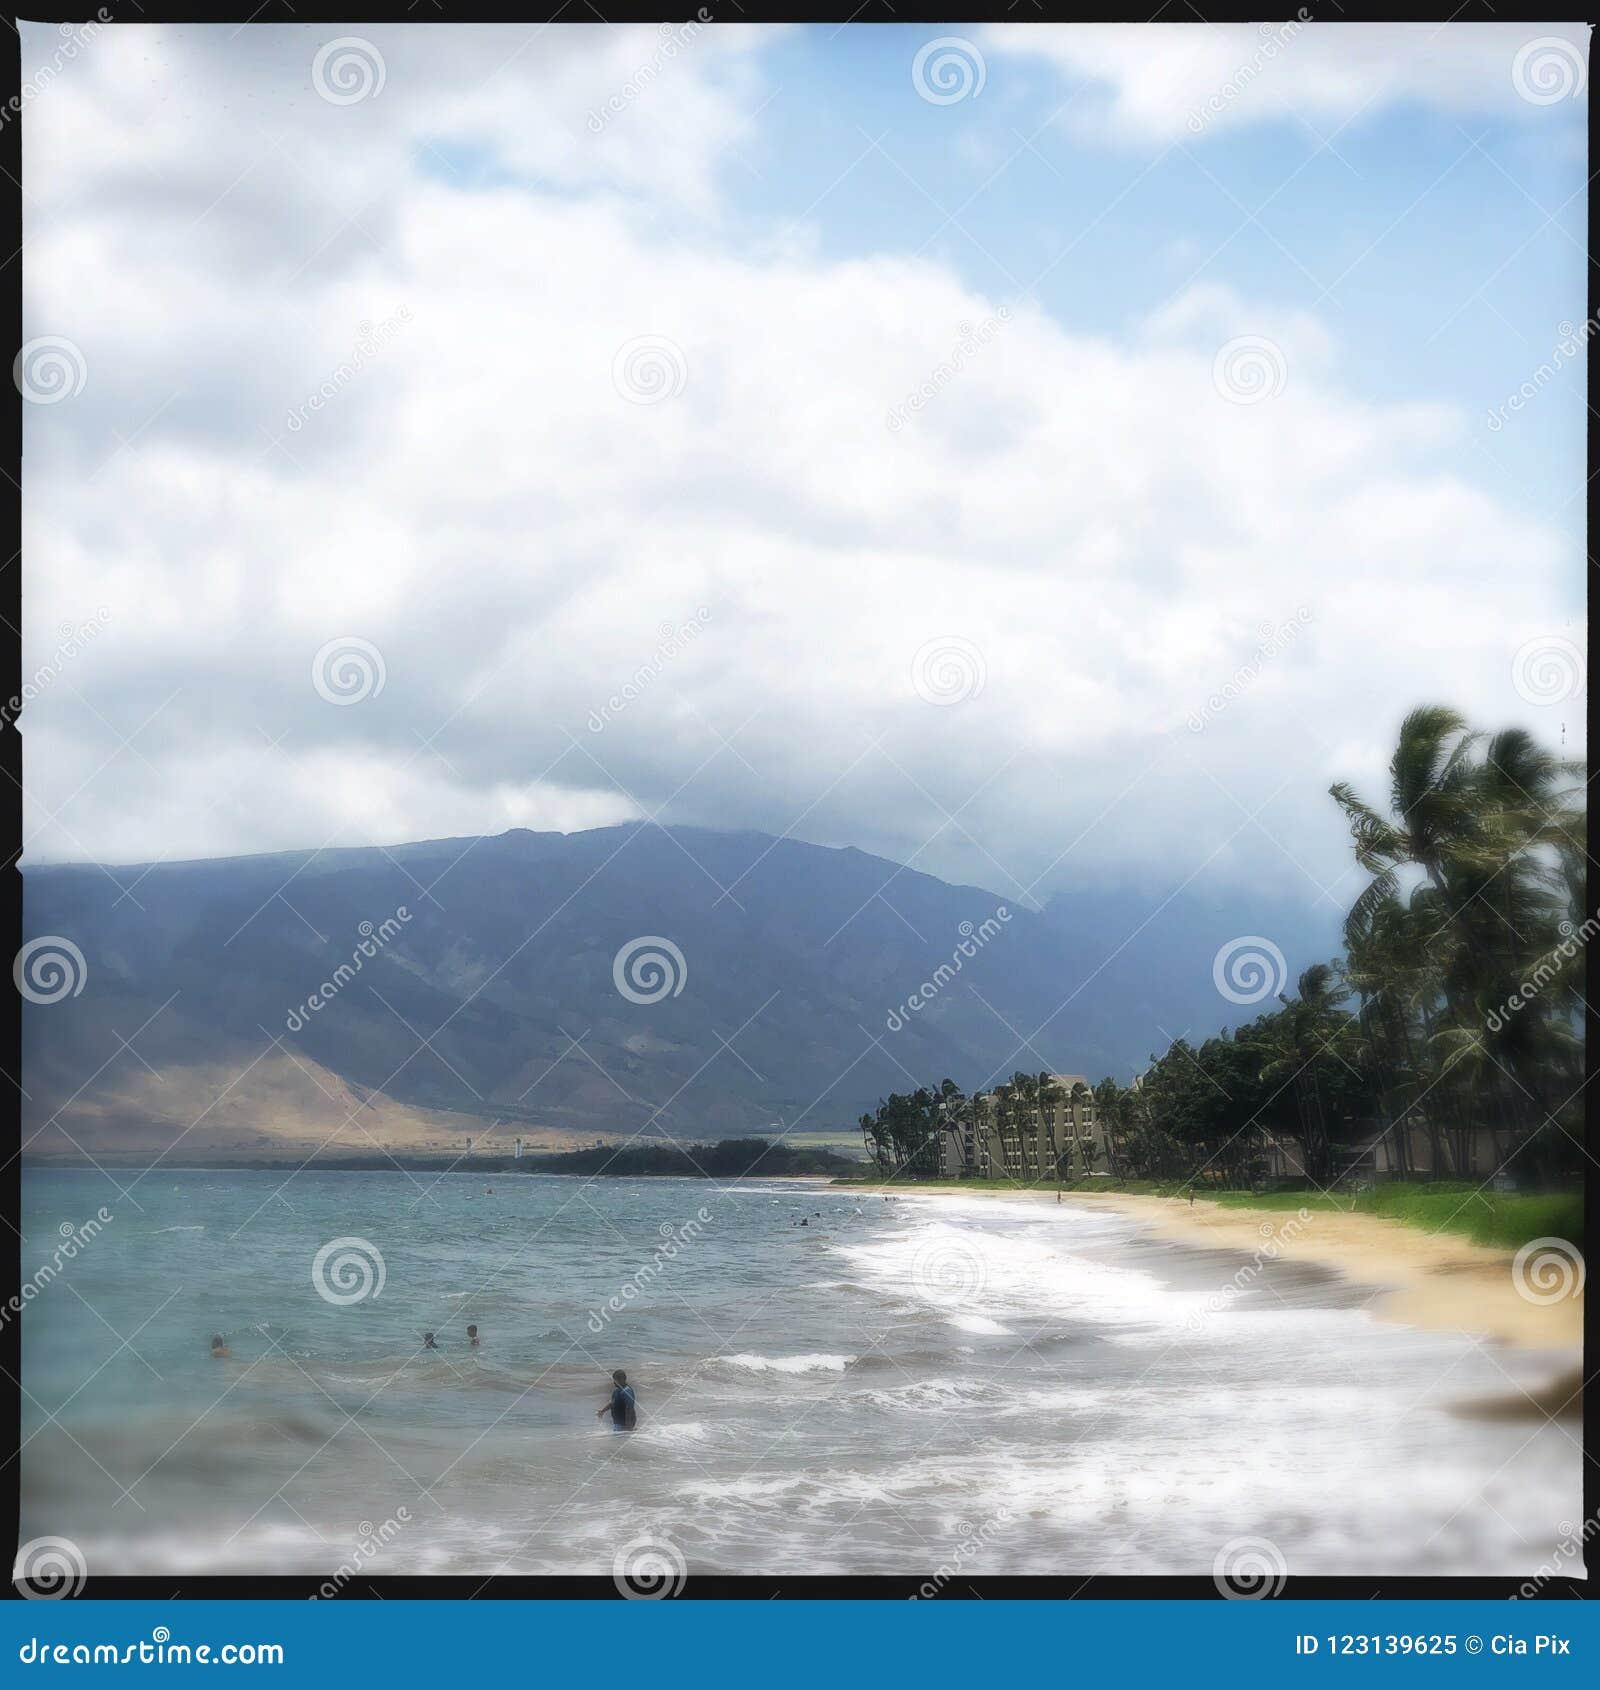 Kiheistrand in Hawaï